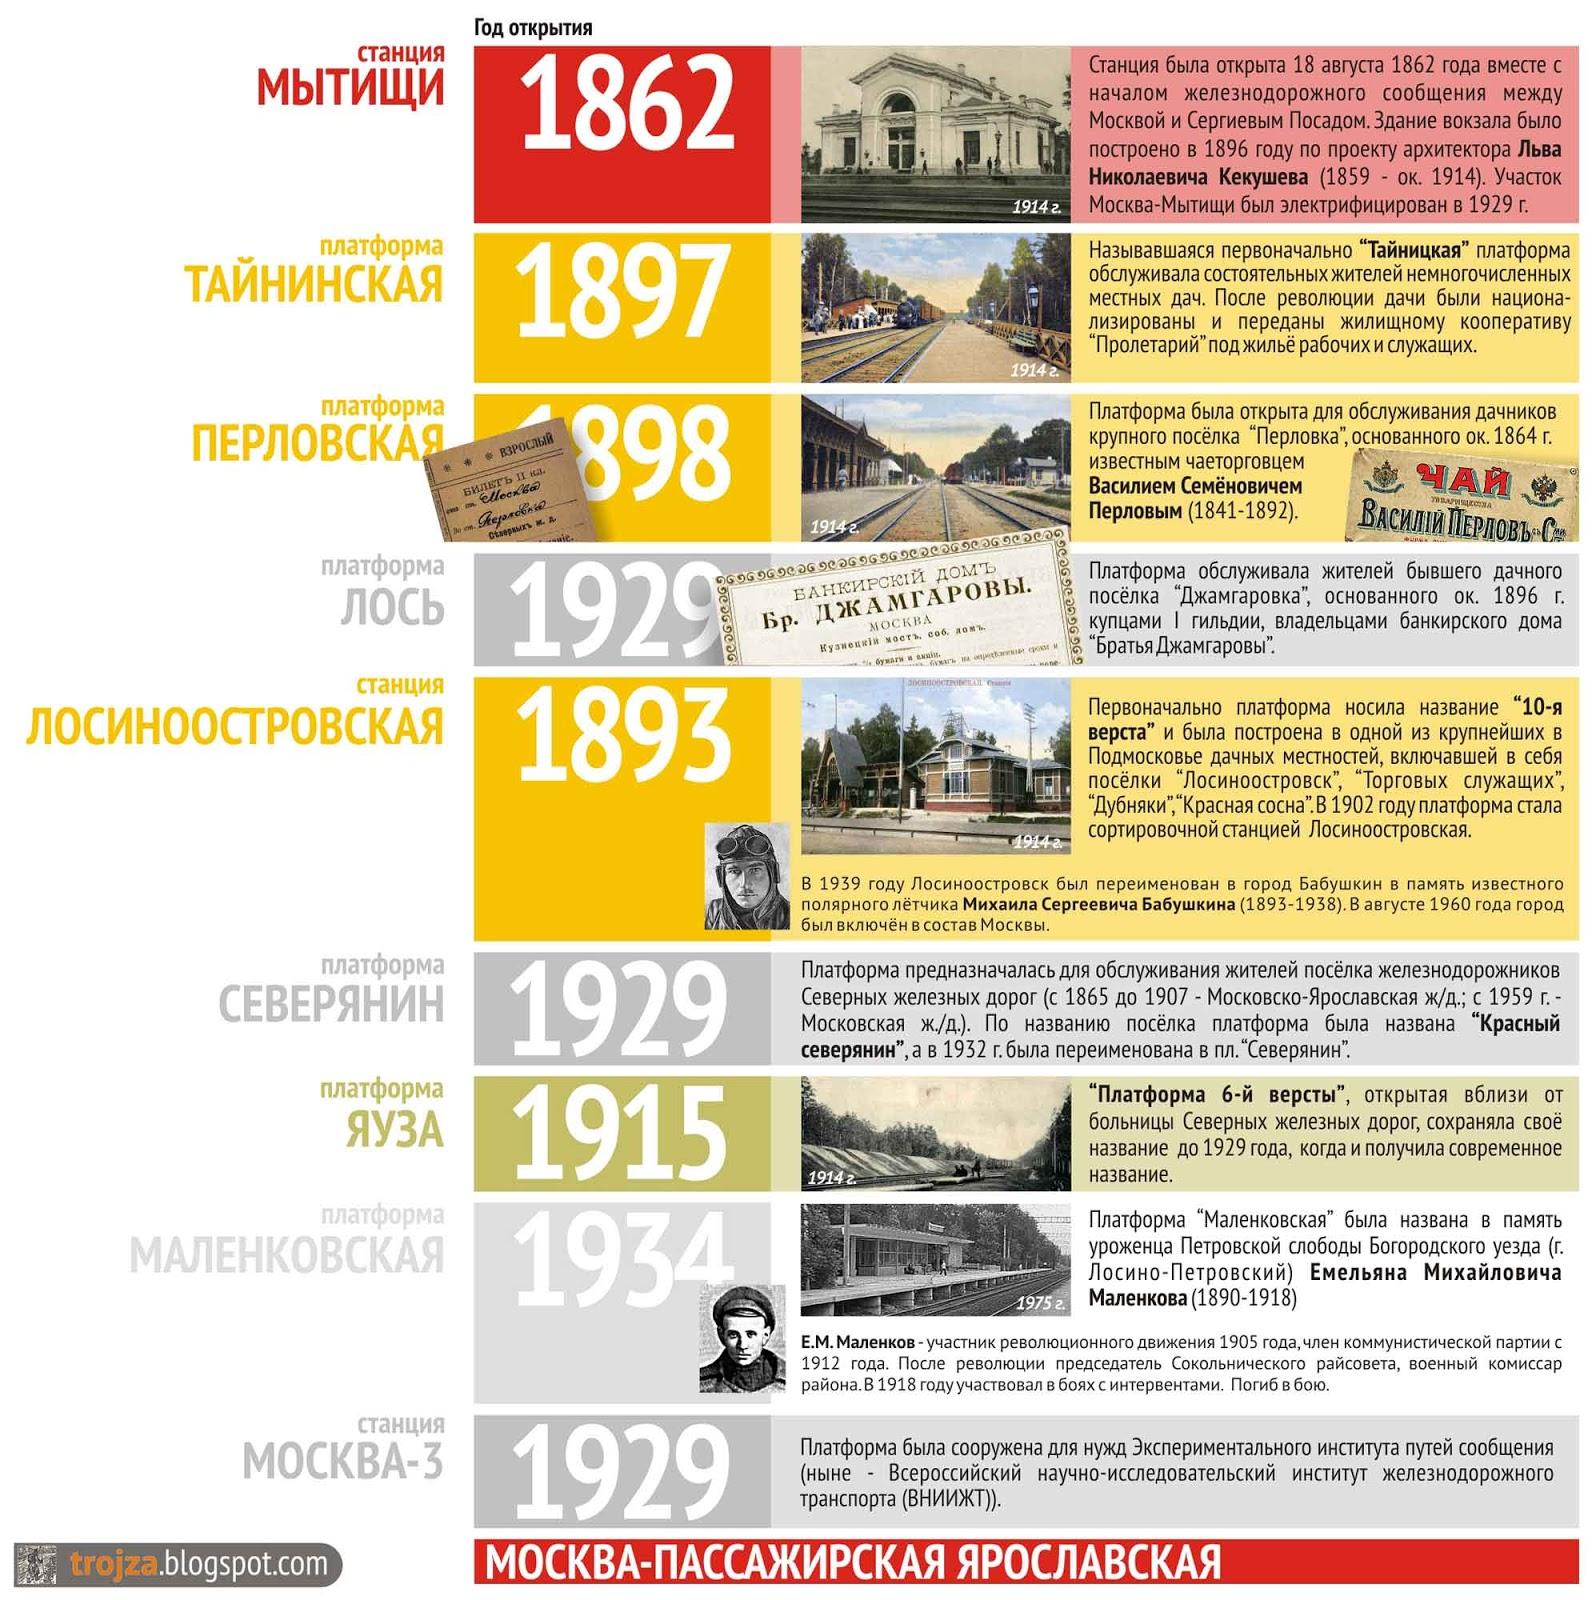 расписание электричек схема ярославского вокзала 2012г